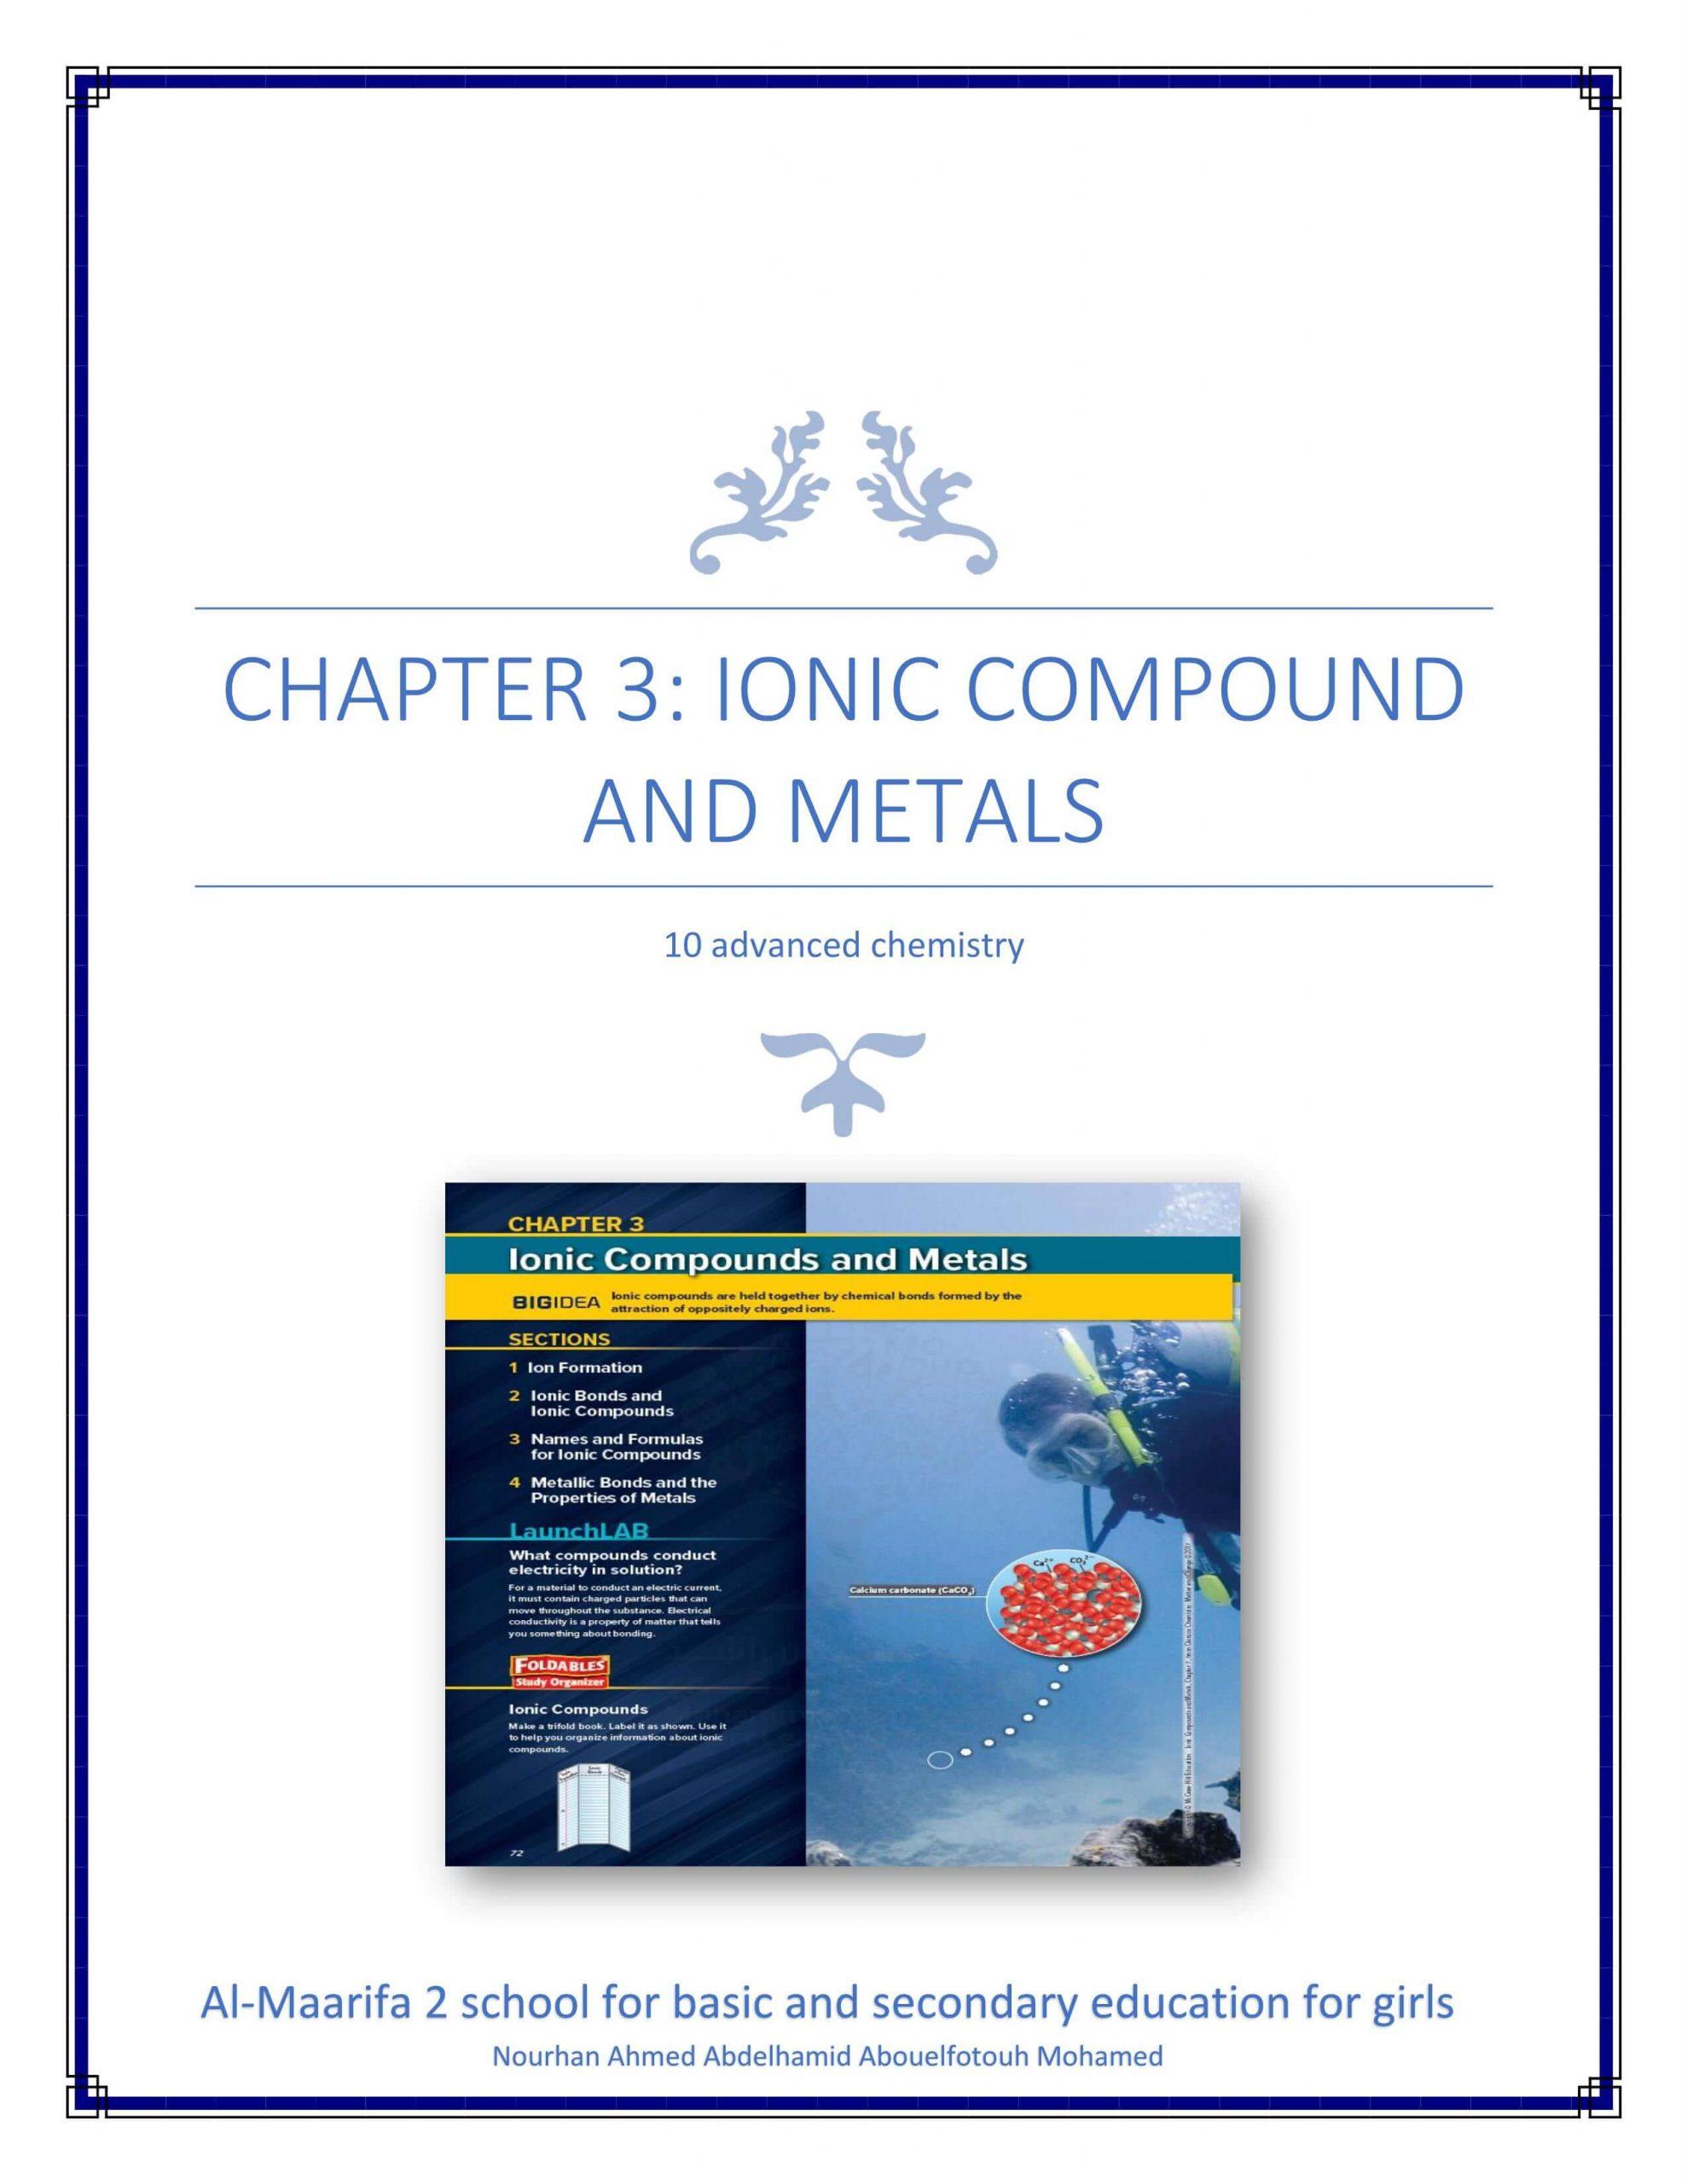 ملخص IONIC COMPOUND AND METALS بالانجليزي الصف العاشر متقدم مادة الكيمياء